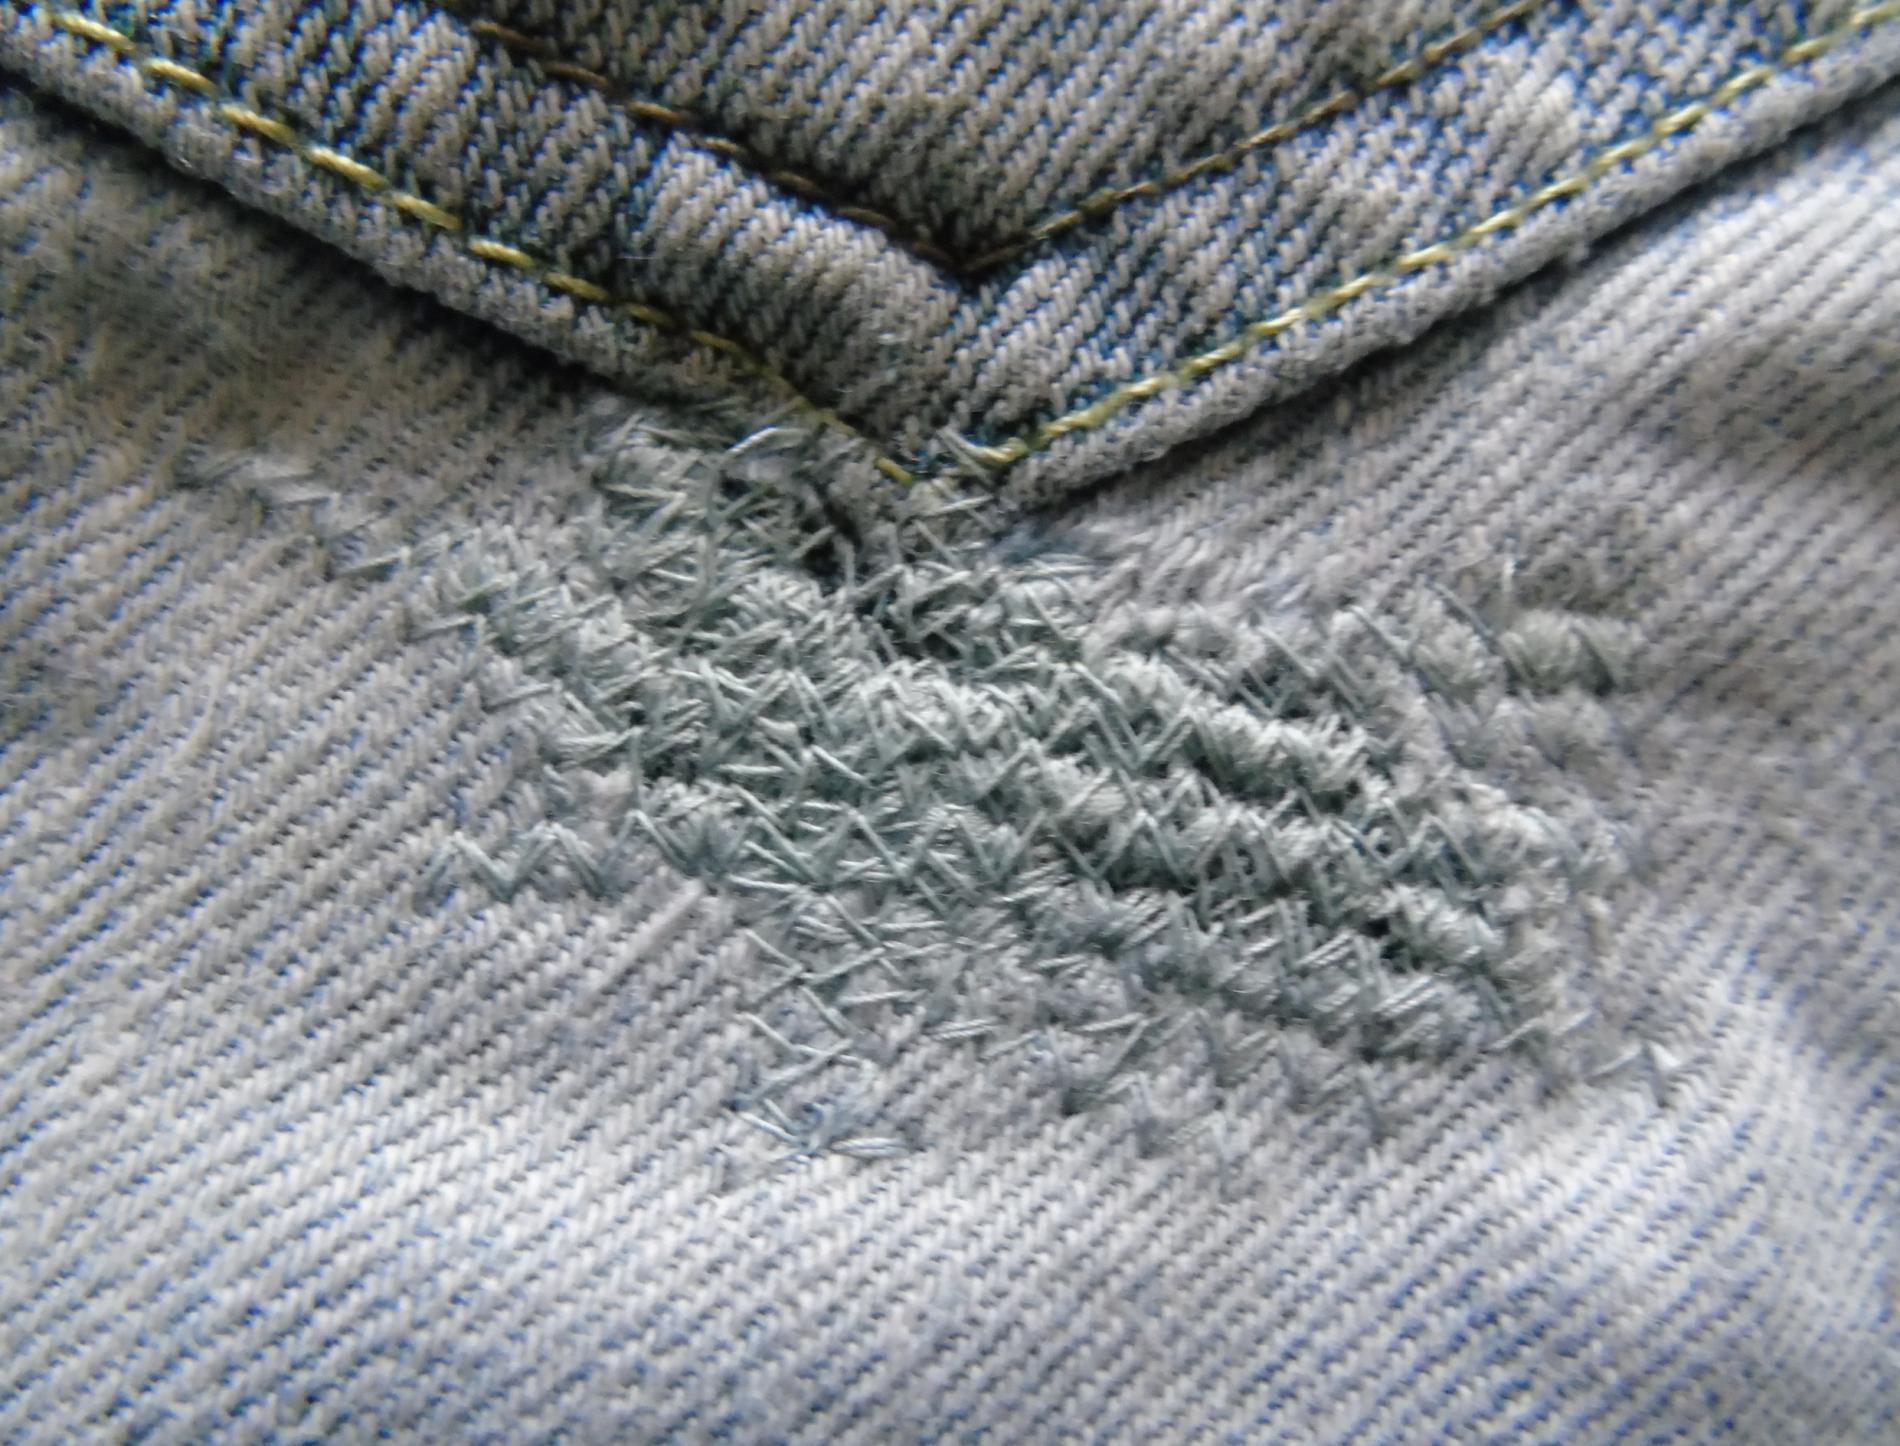 Торчат из джинсов фото 18 фотография